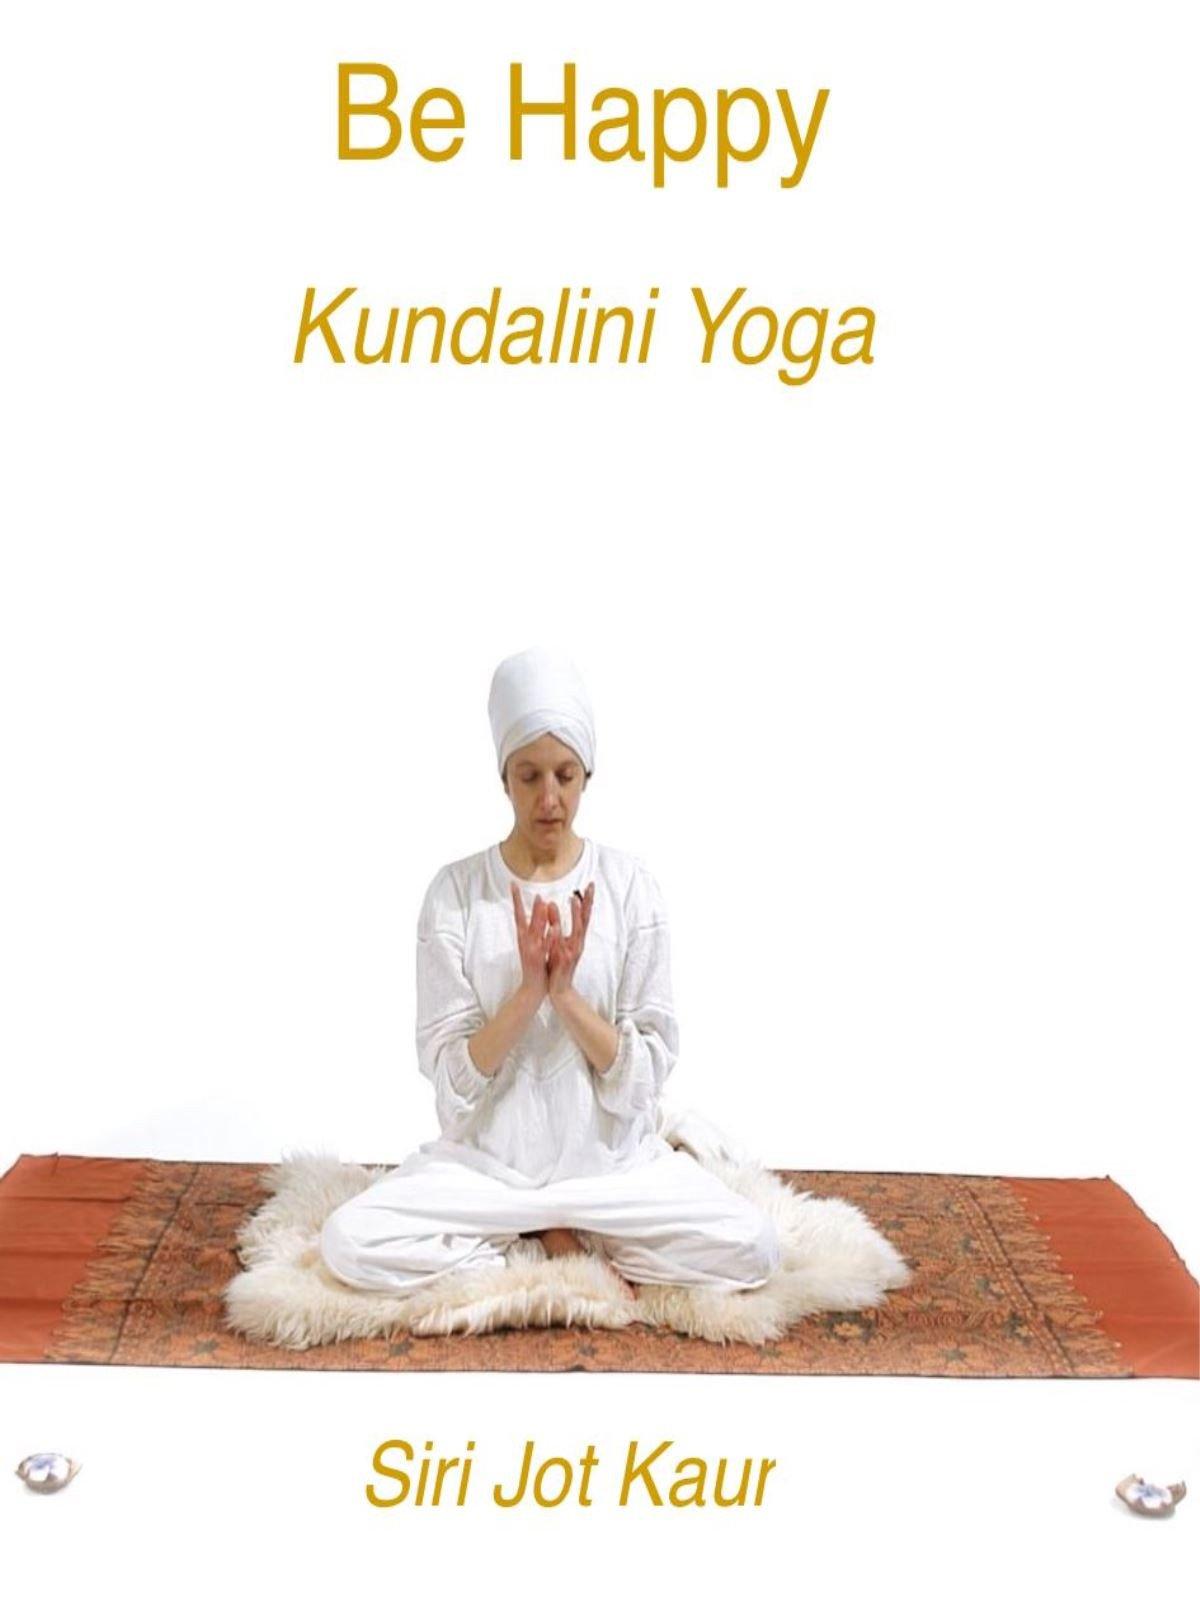 Be happy- kundalini yoga with Siri Jot Kaur